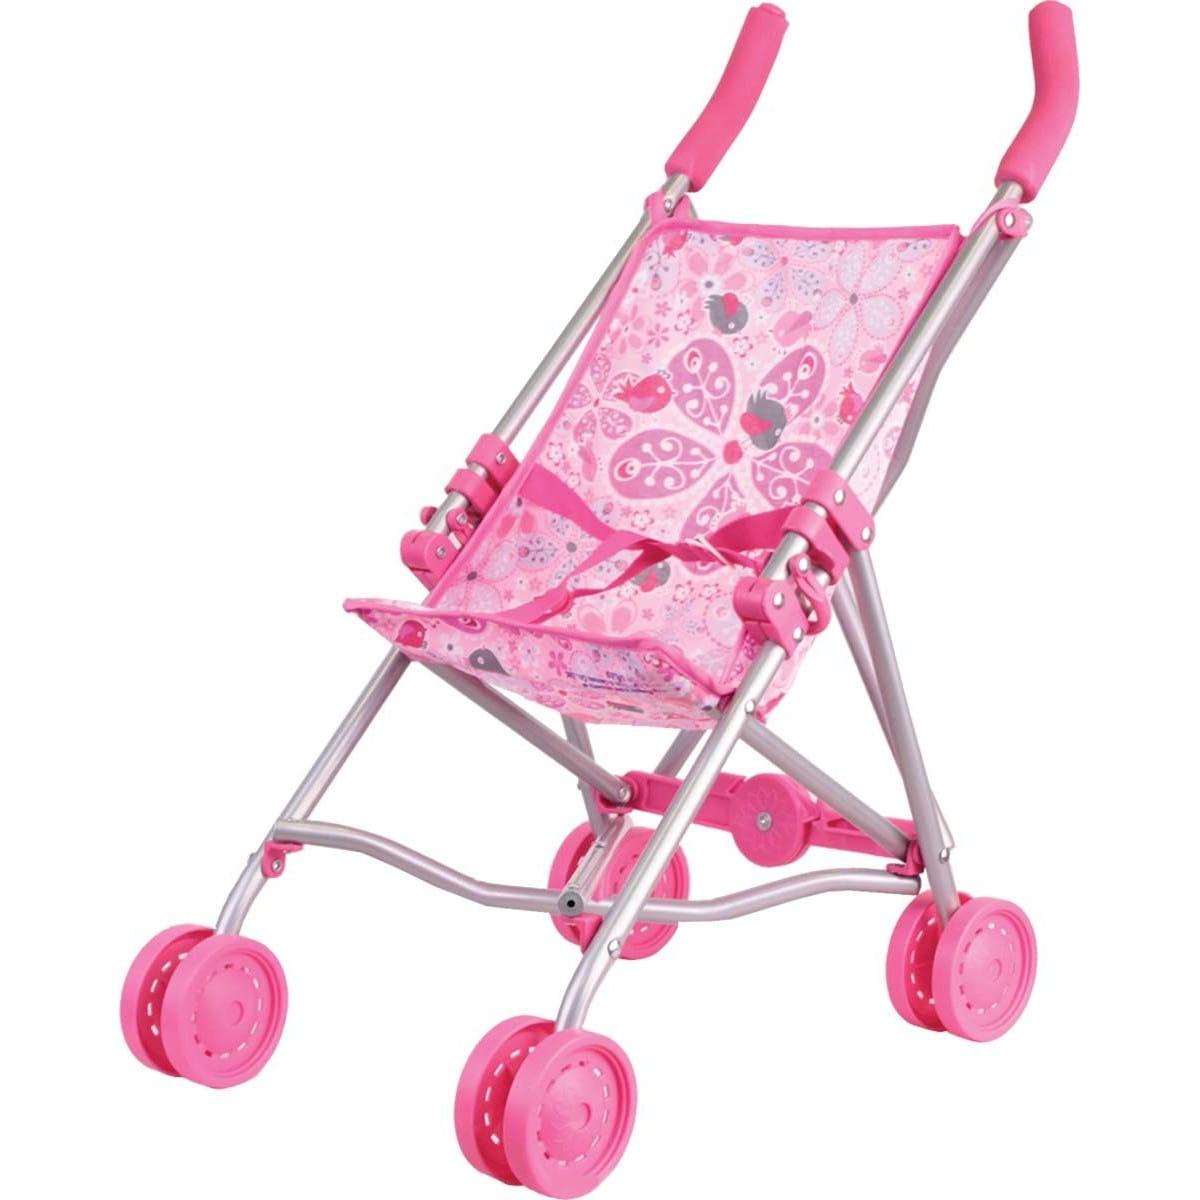 Коляска-трость для кукол Gulliver 22-11007 - розовая